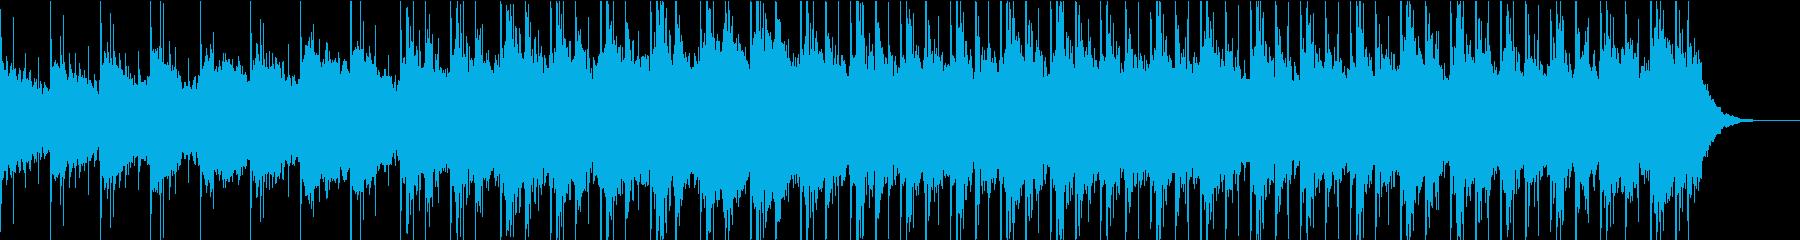 清潔感のあるストリングスとピアノの曲の再生済みの波形